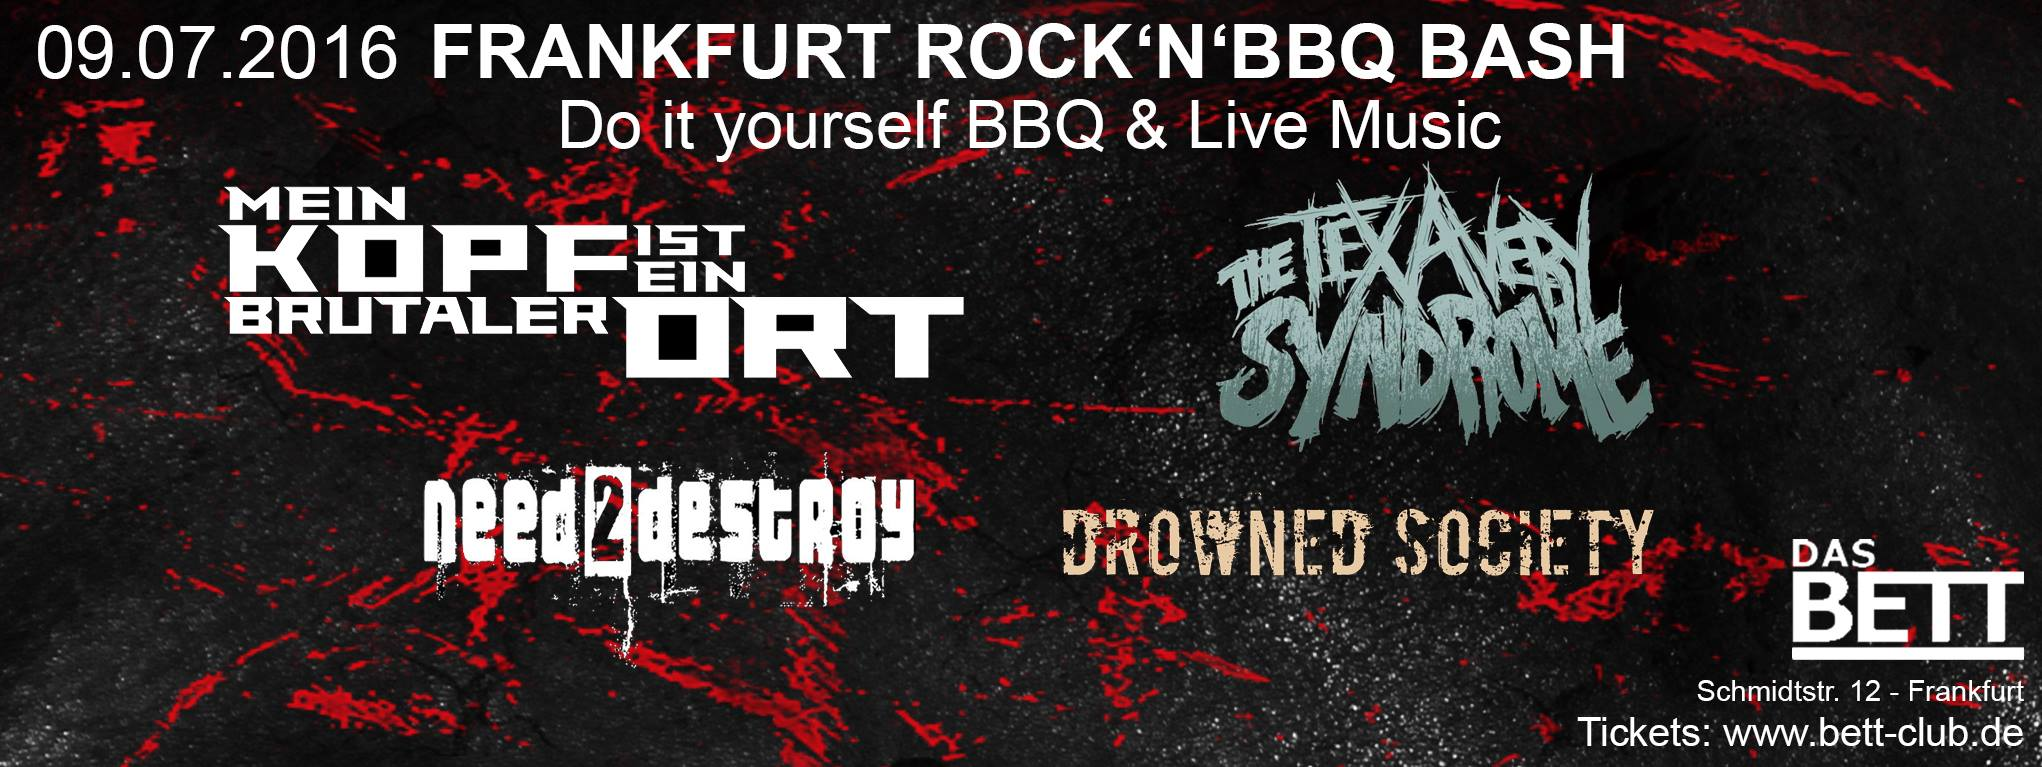 09.07.16 - Frankfurt Rock